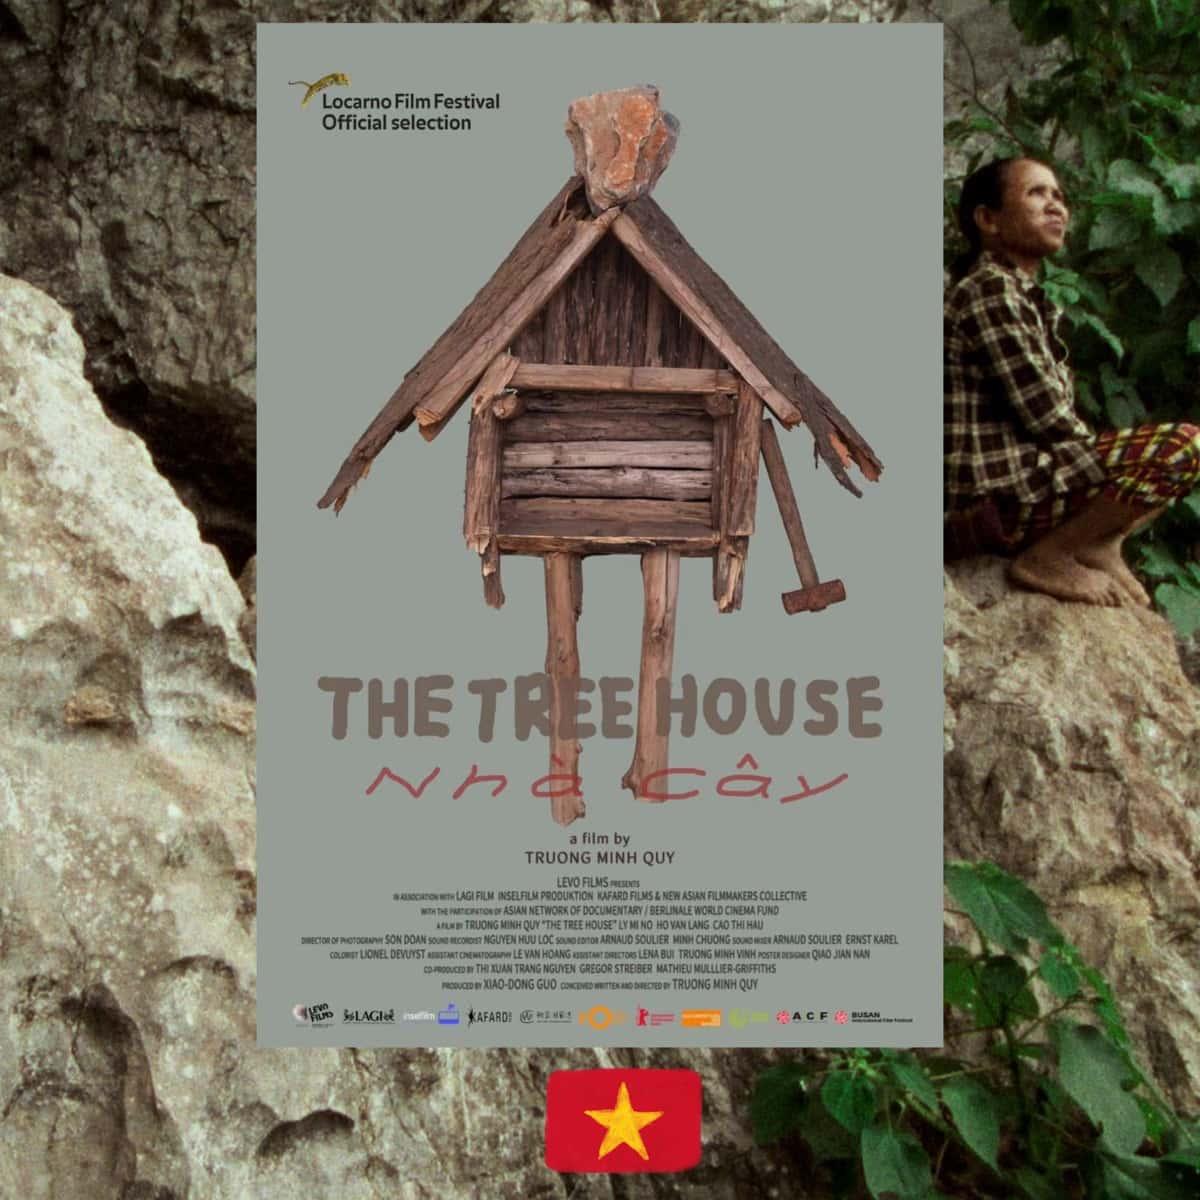 The Tree House, Trương Minh Quý, Nhà Cây